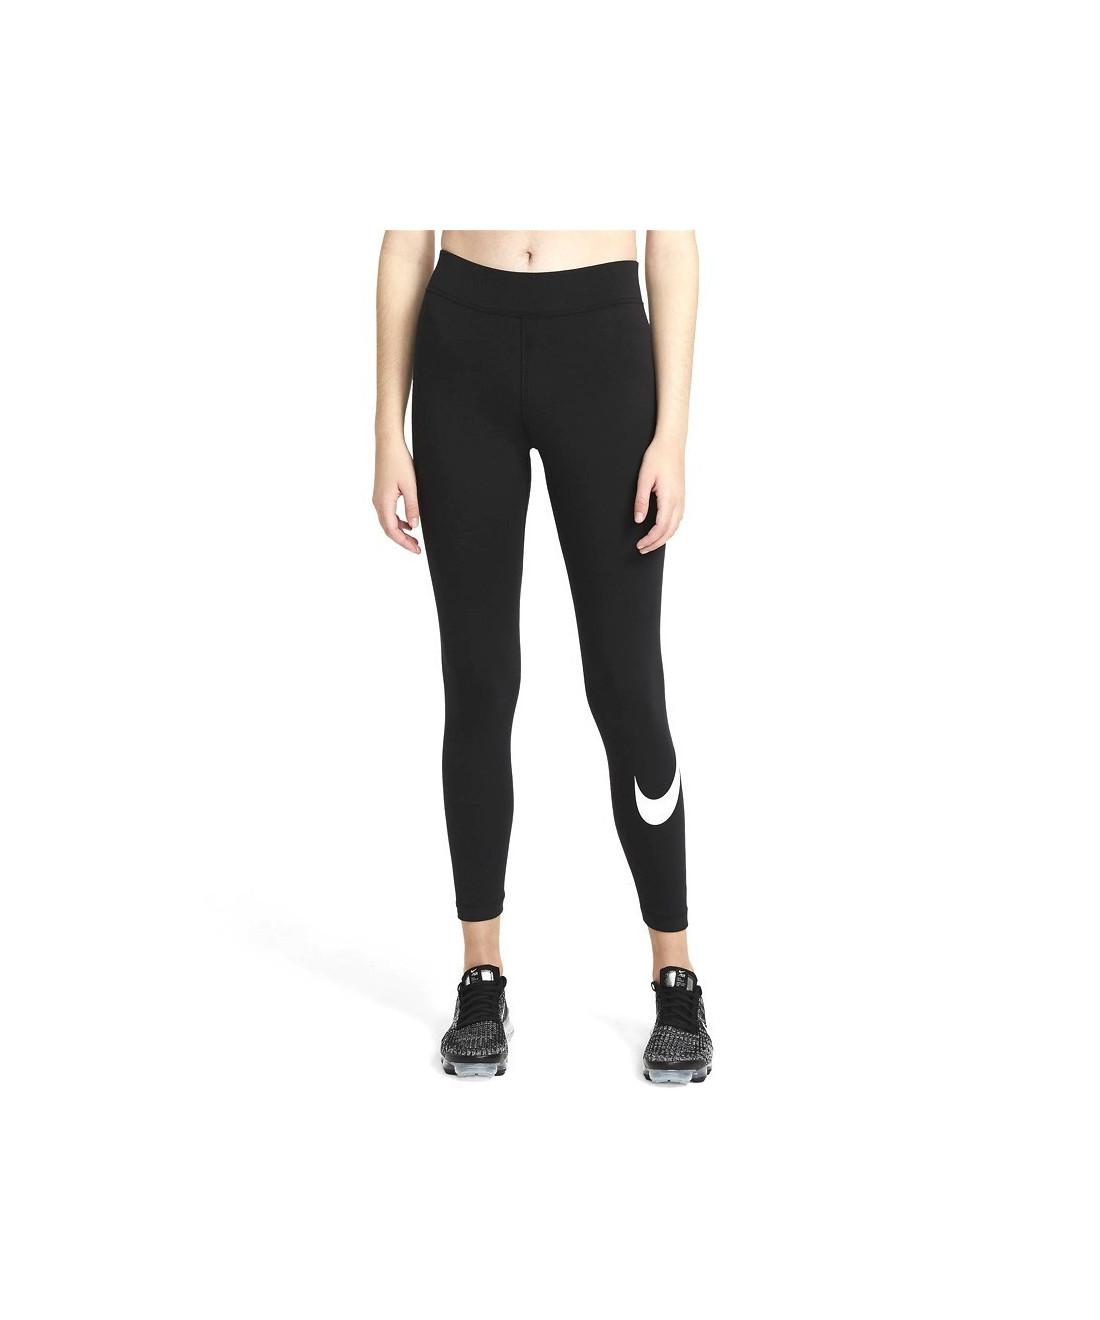 Nike Sportswear Essential Legging Swoosh CZ8530-010